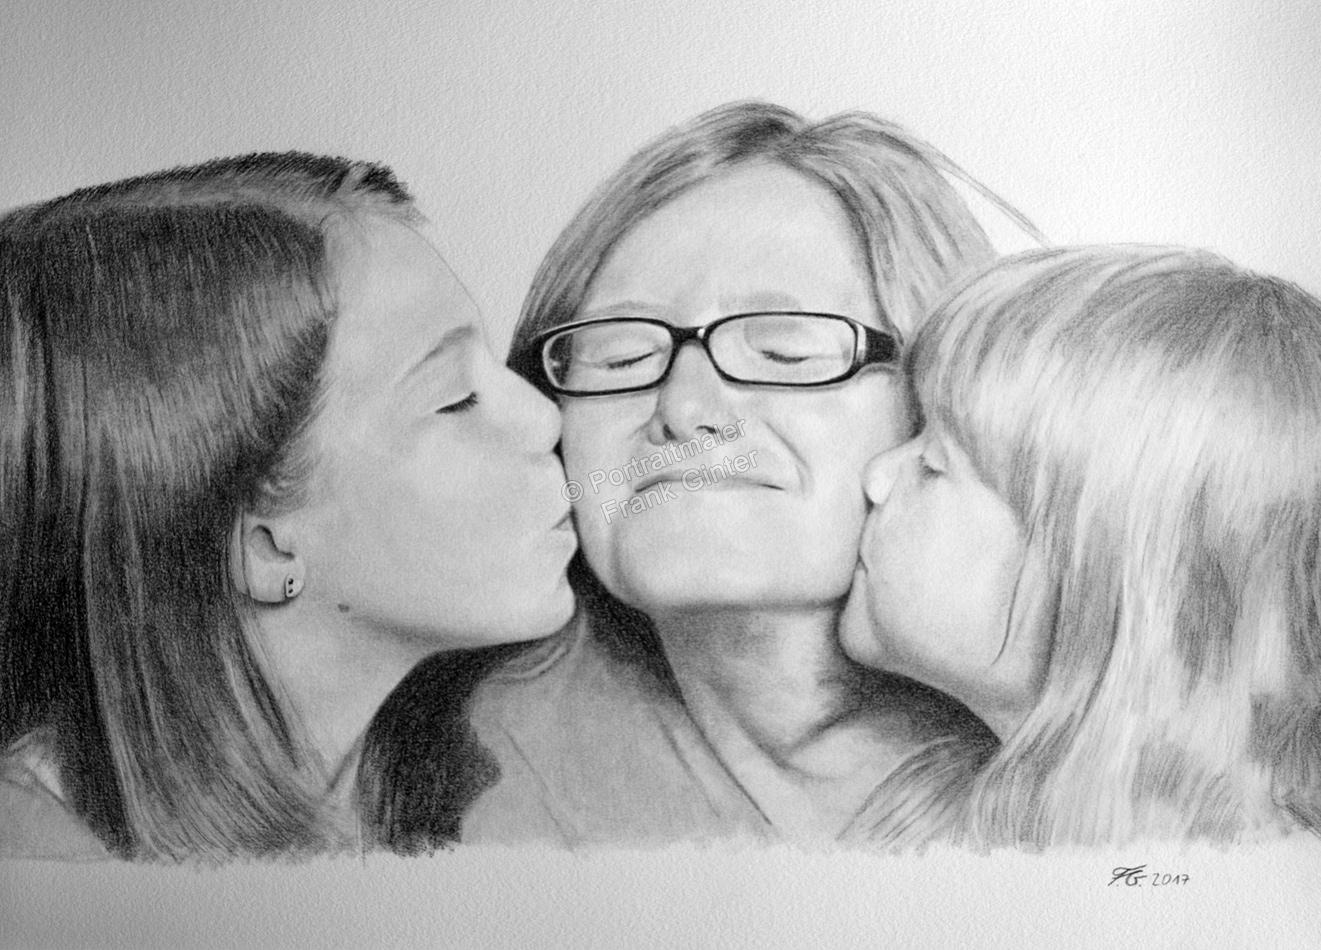 Bleistiftzeichnungen, Portraitzeichnungen, Kinder Portraits zeichnen lassen Geschwister-Portrait